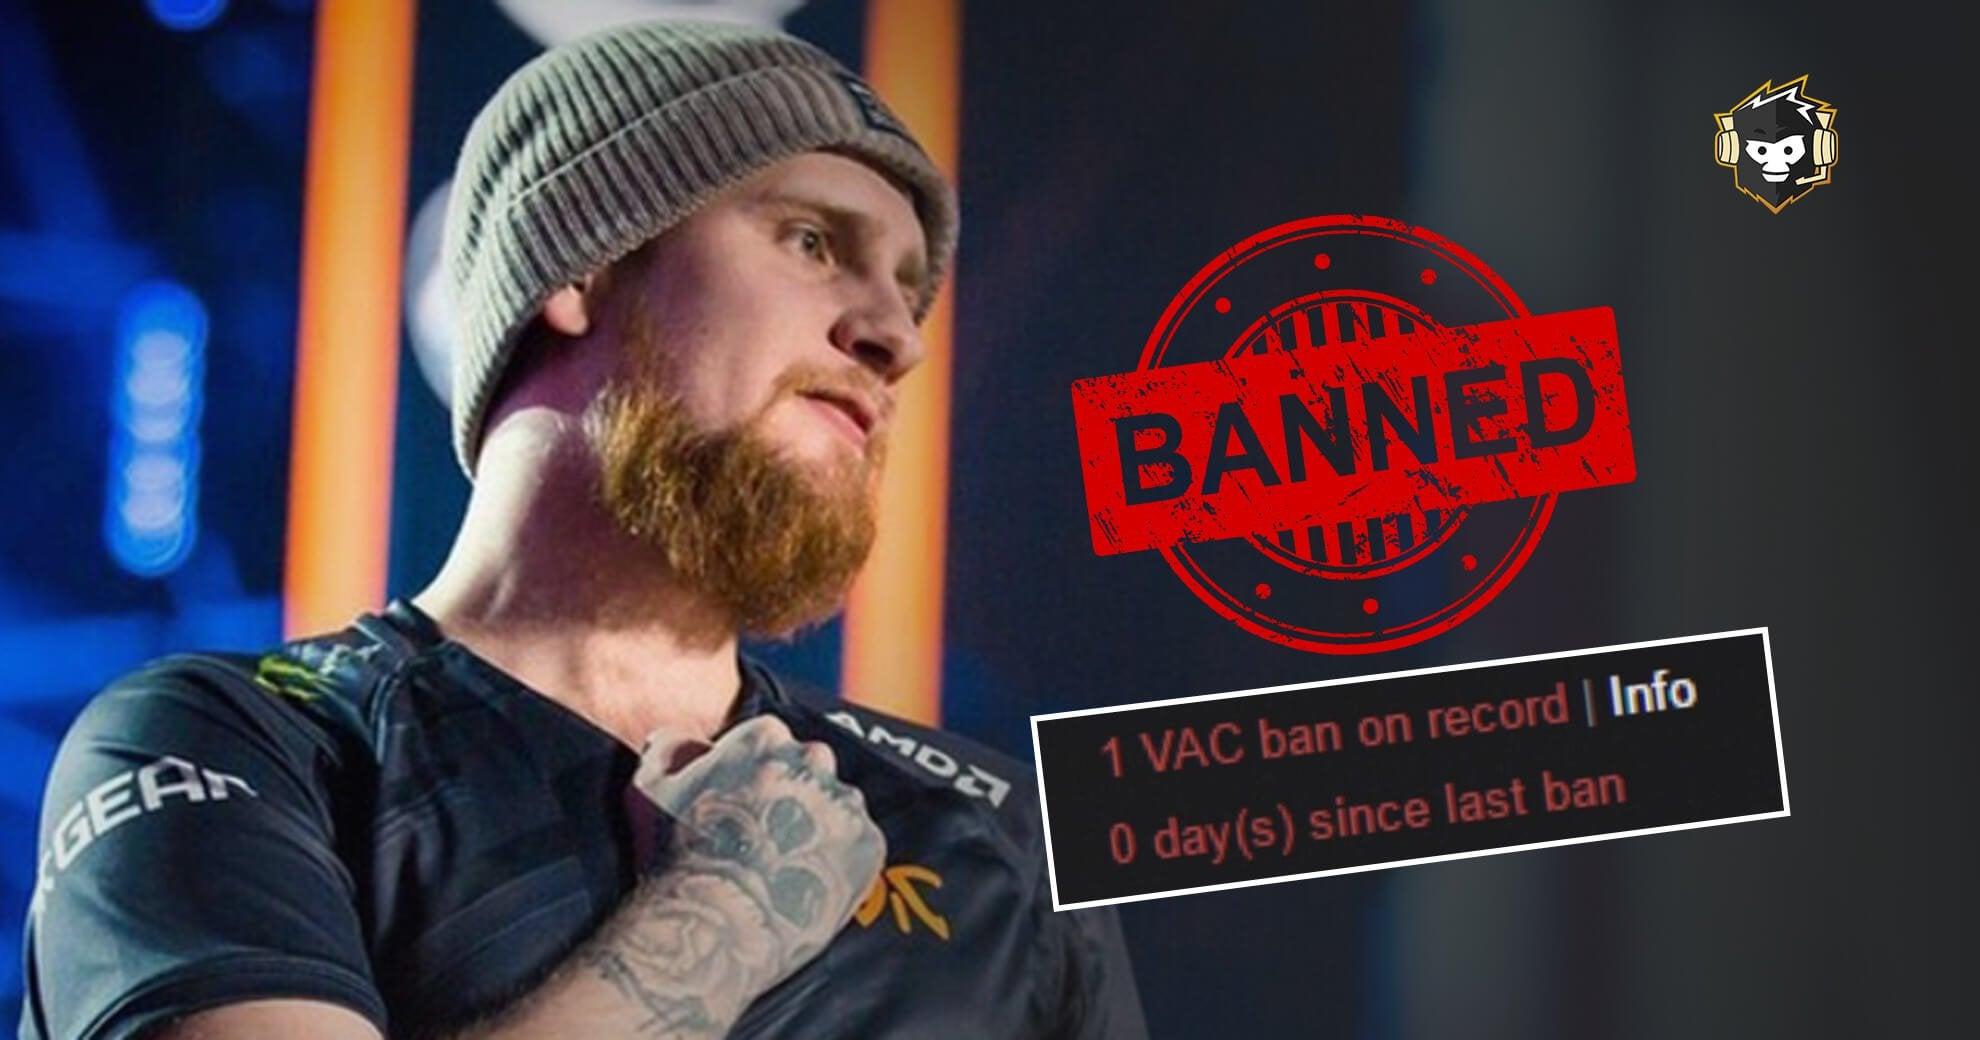 """<img src=""""vac ban.png"""" alt=""""krimz vac ban"""">"""